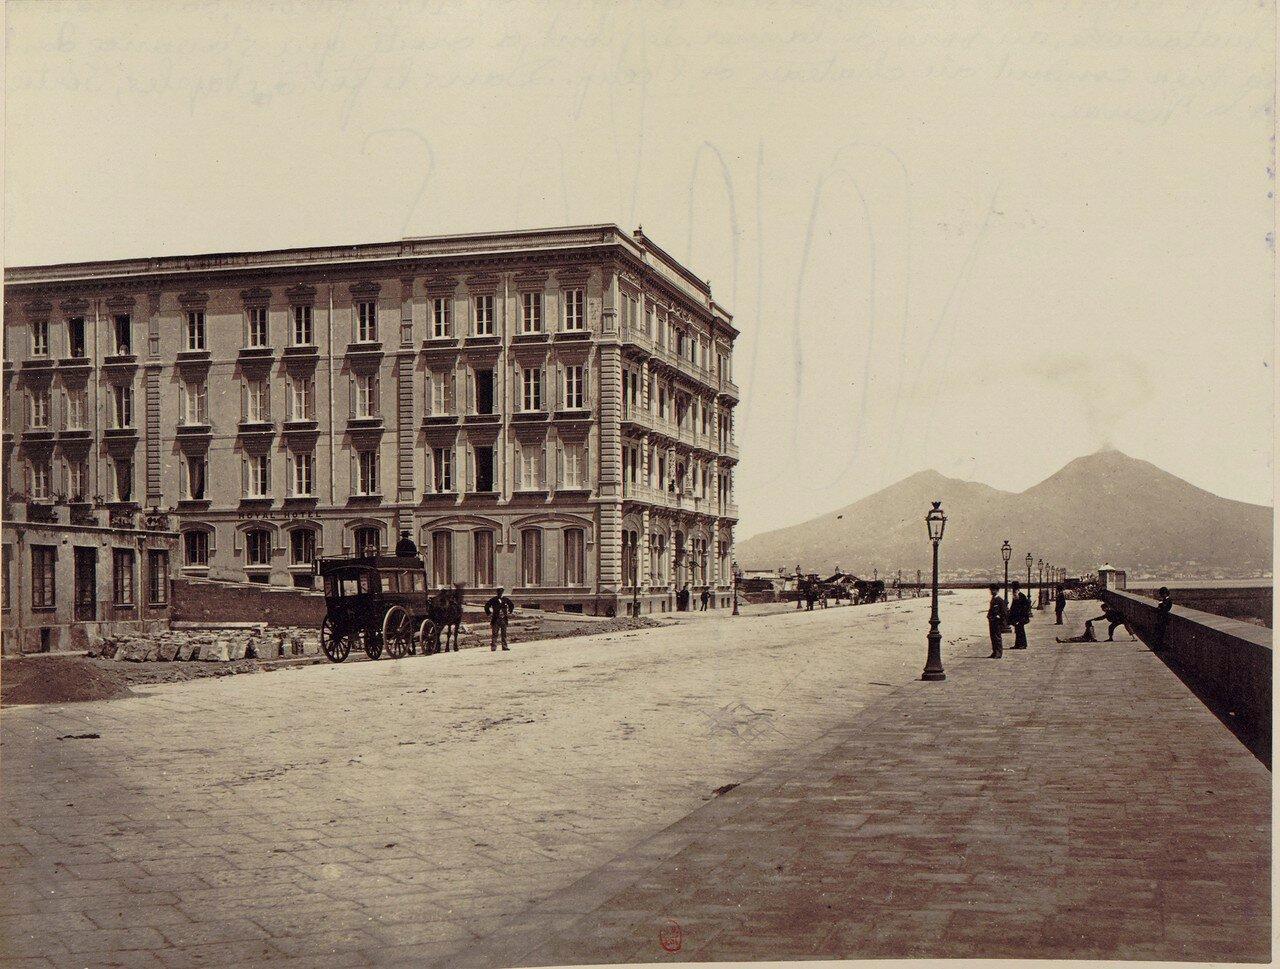 36. Отель, иностранцы и вид на Везувий